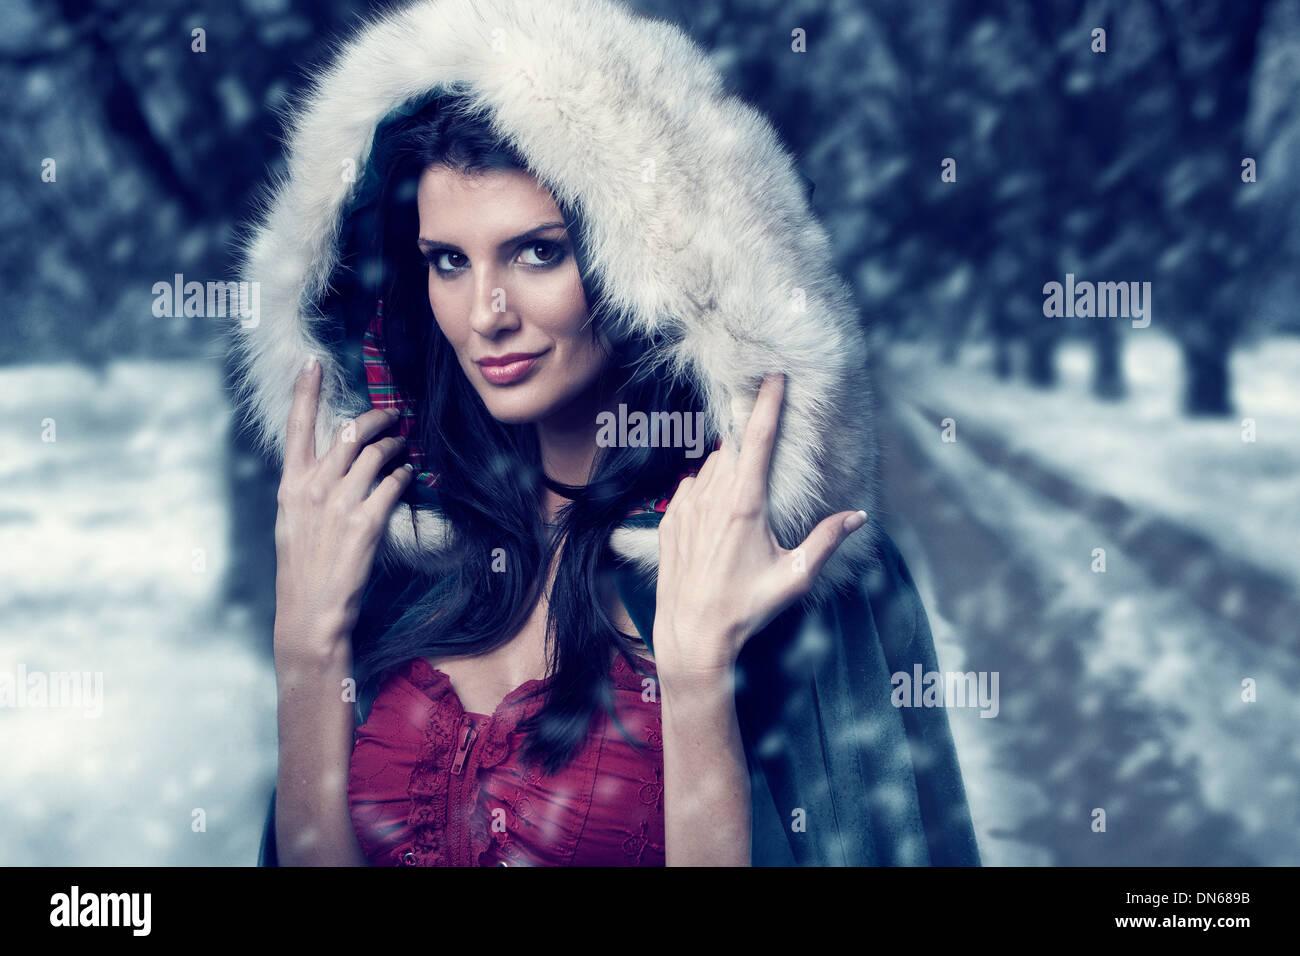 Femme en Cape avec capuche debout sur le chemin boisé dans la neige Photo Stock